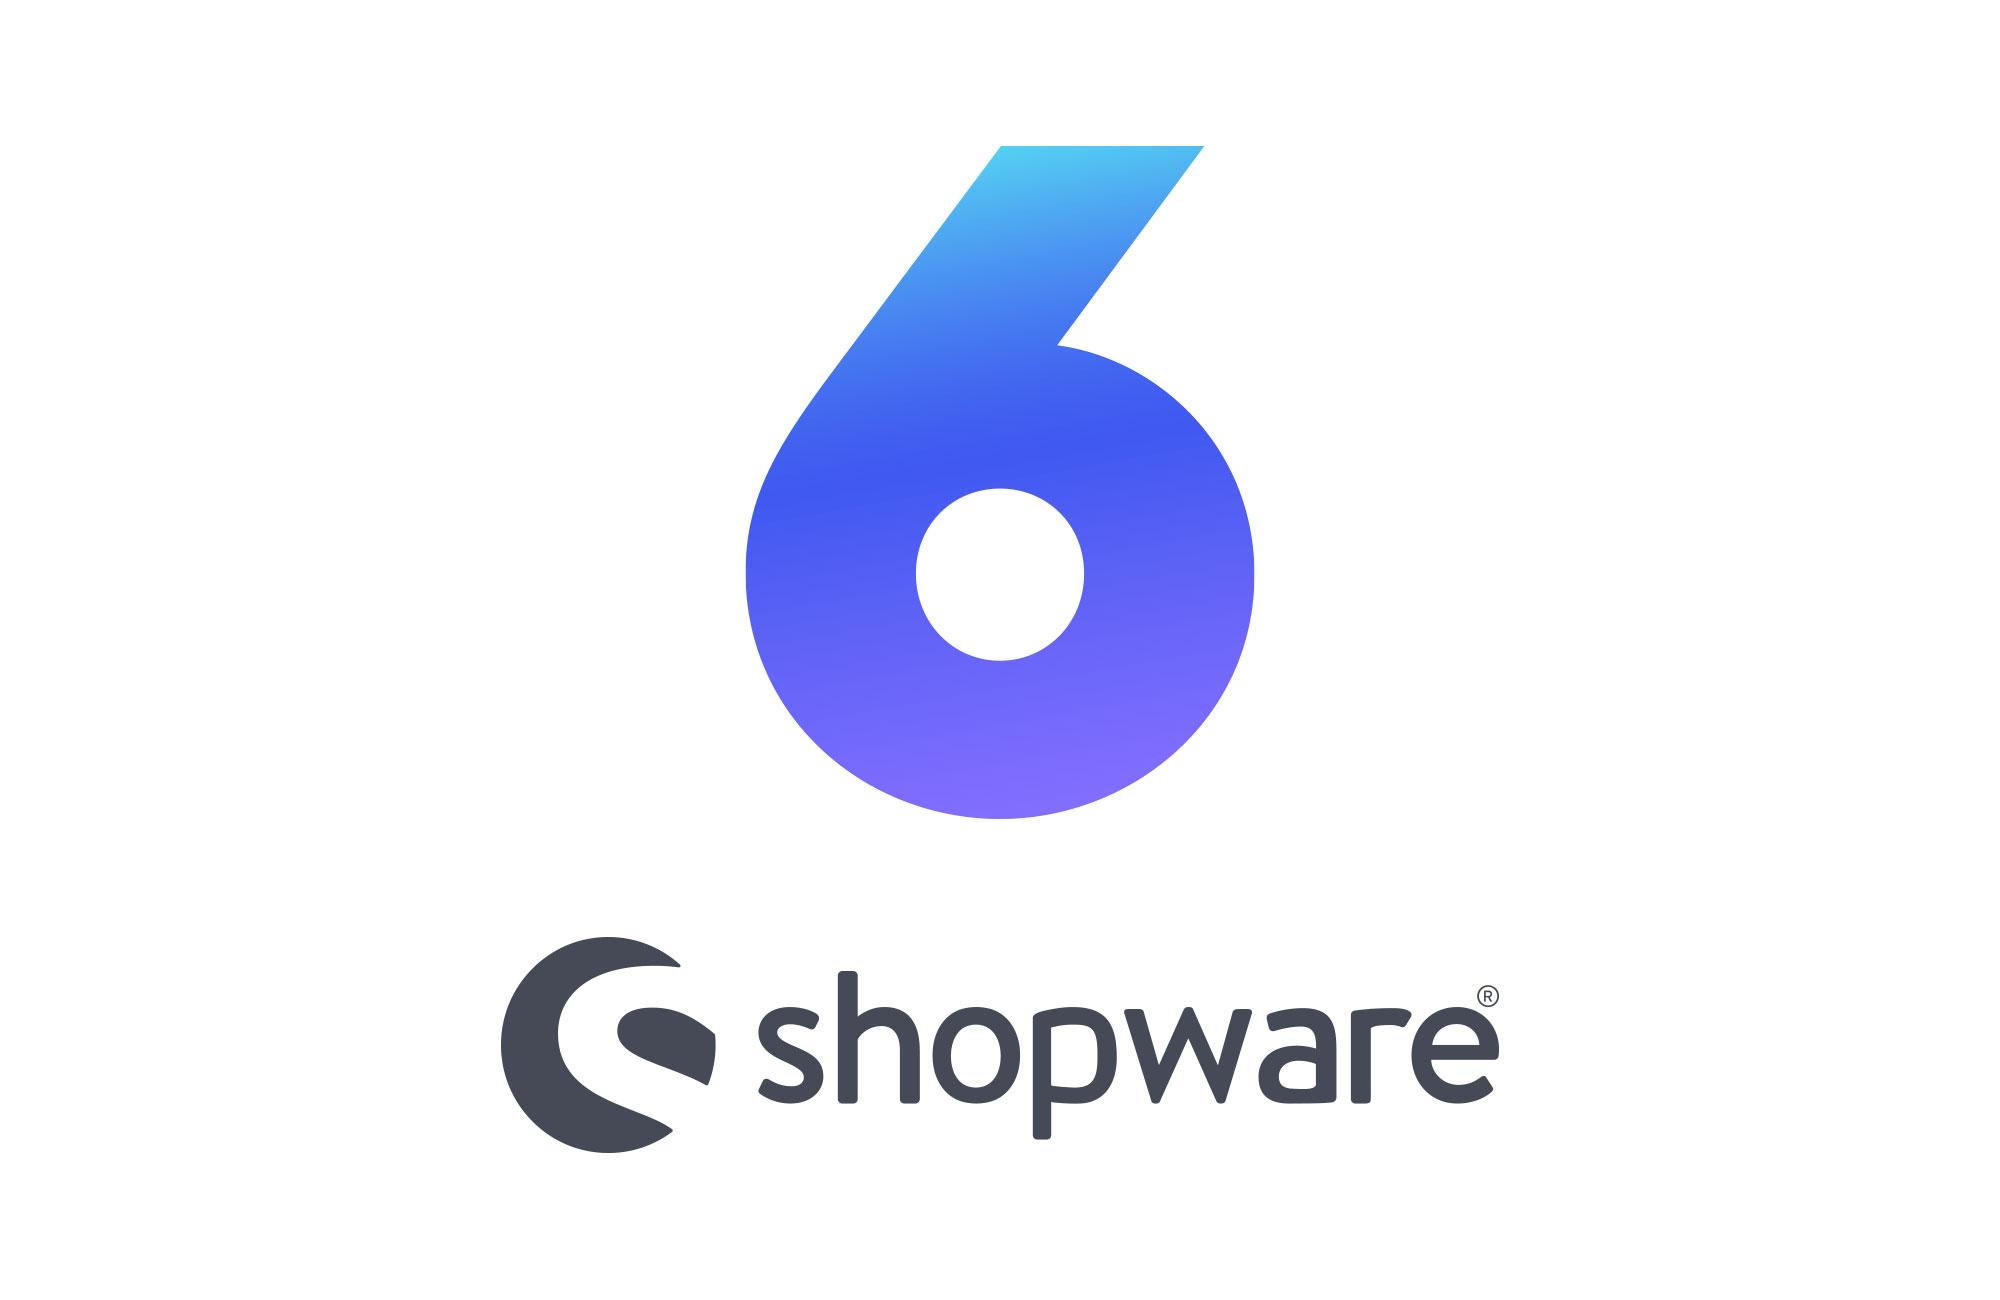 Shopware 6 Lizenz: Kostenlose Community Edition oder kostenpflichtige Professional Edition?